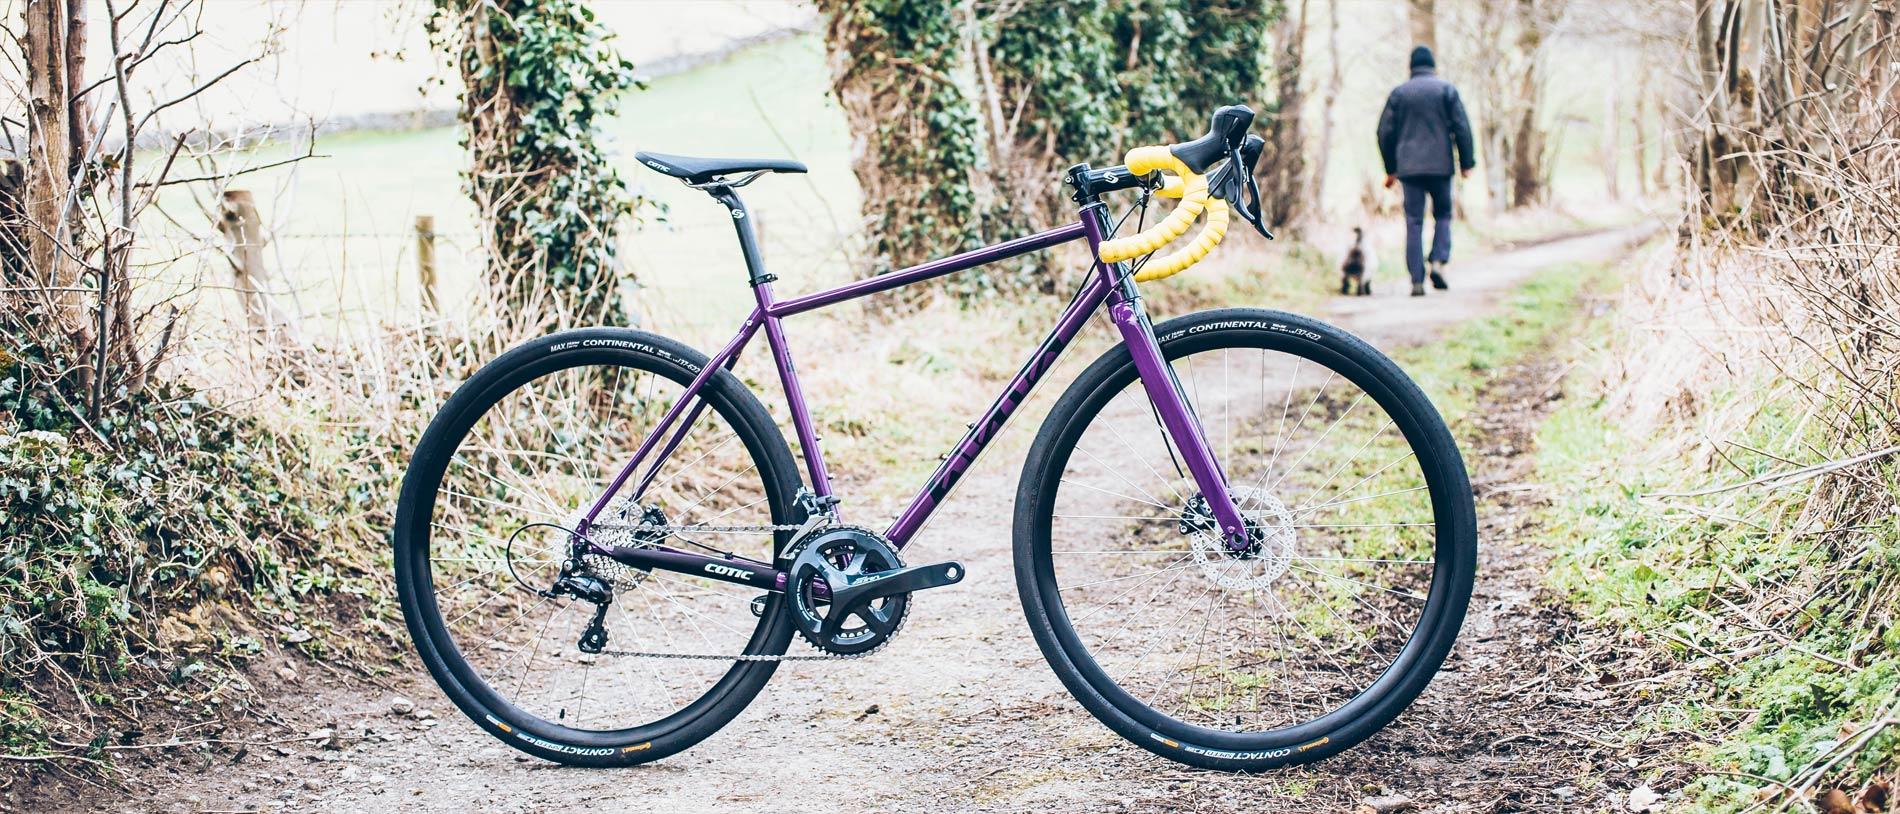 Cotic Escapade 2018 purple